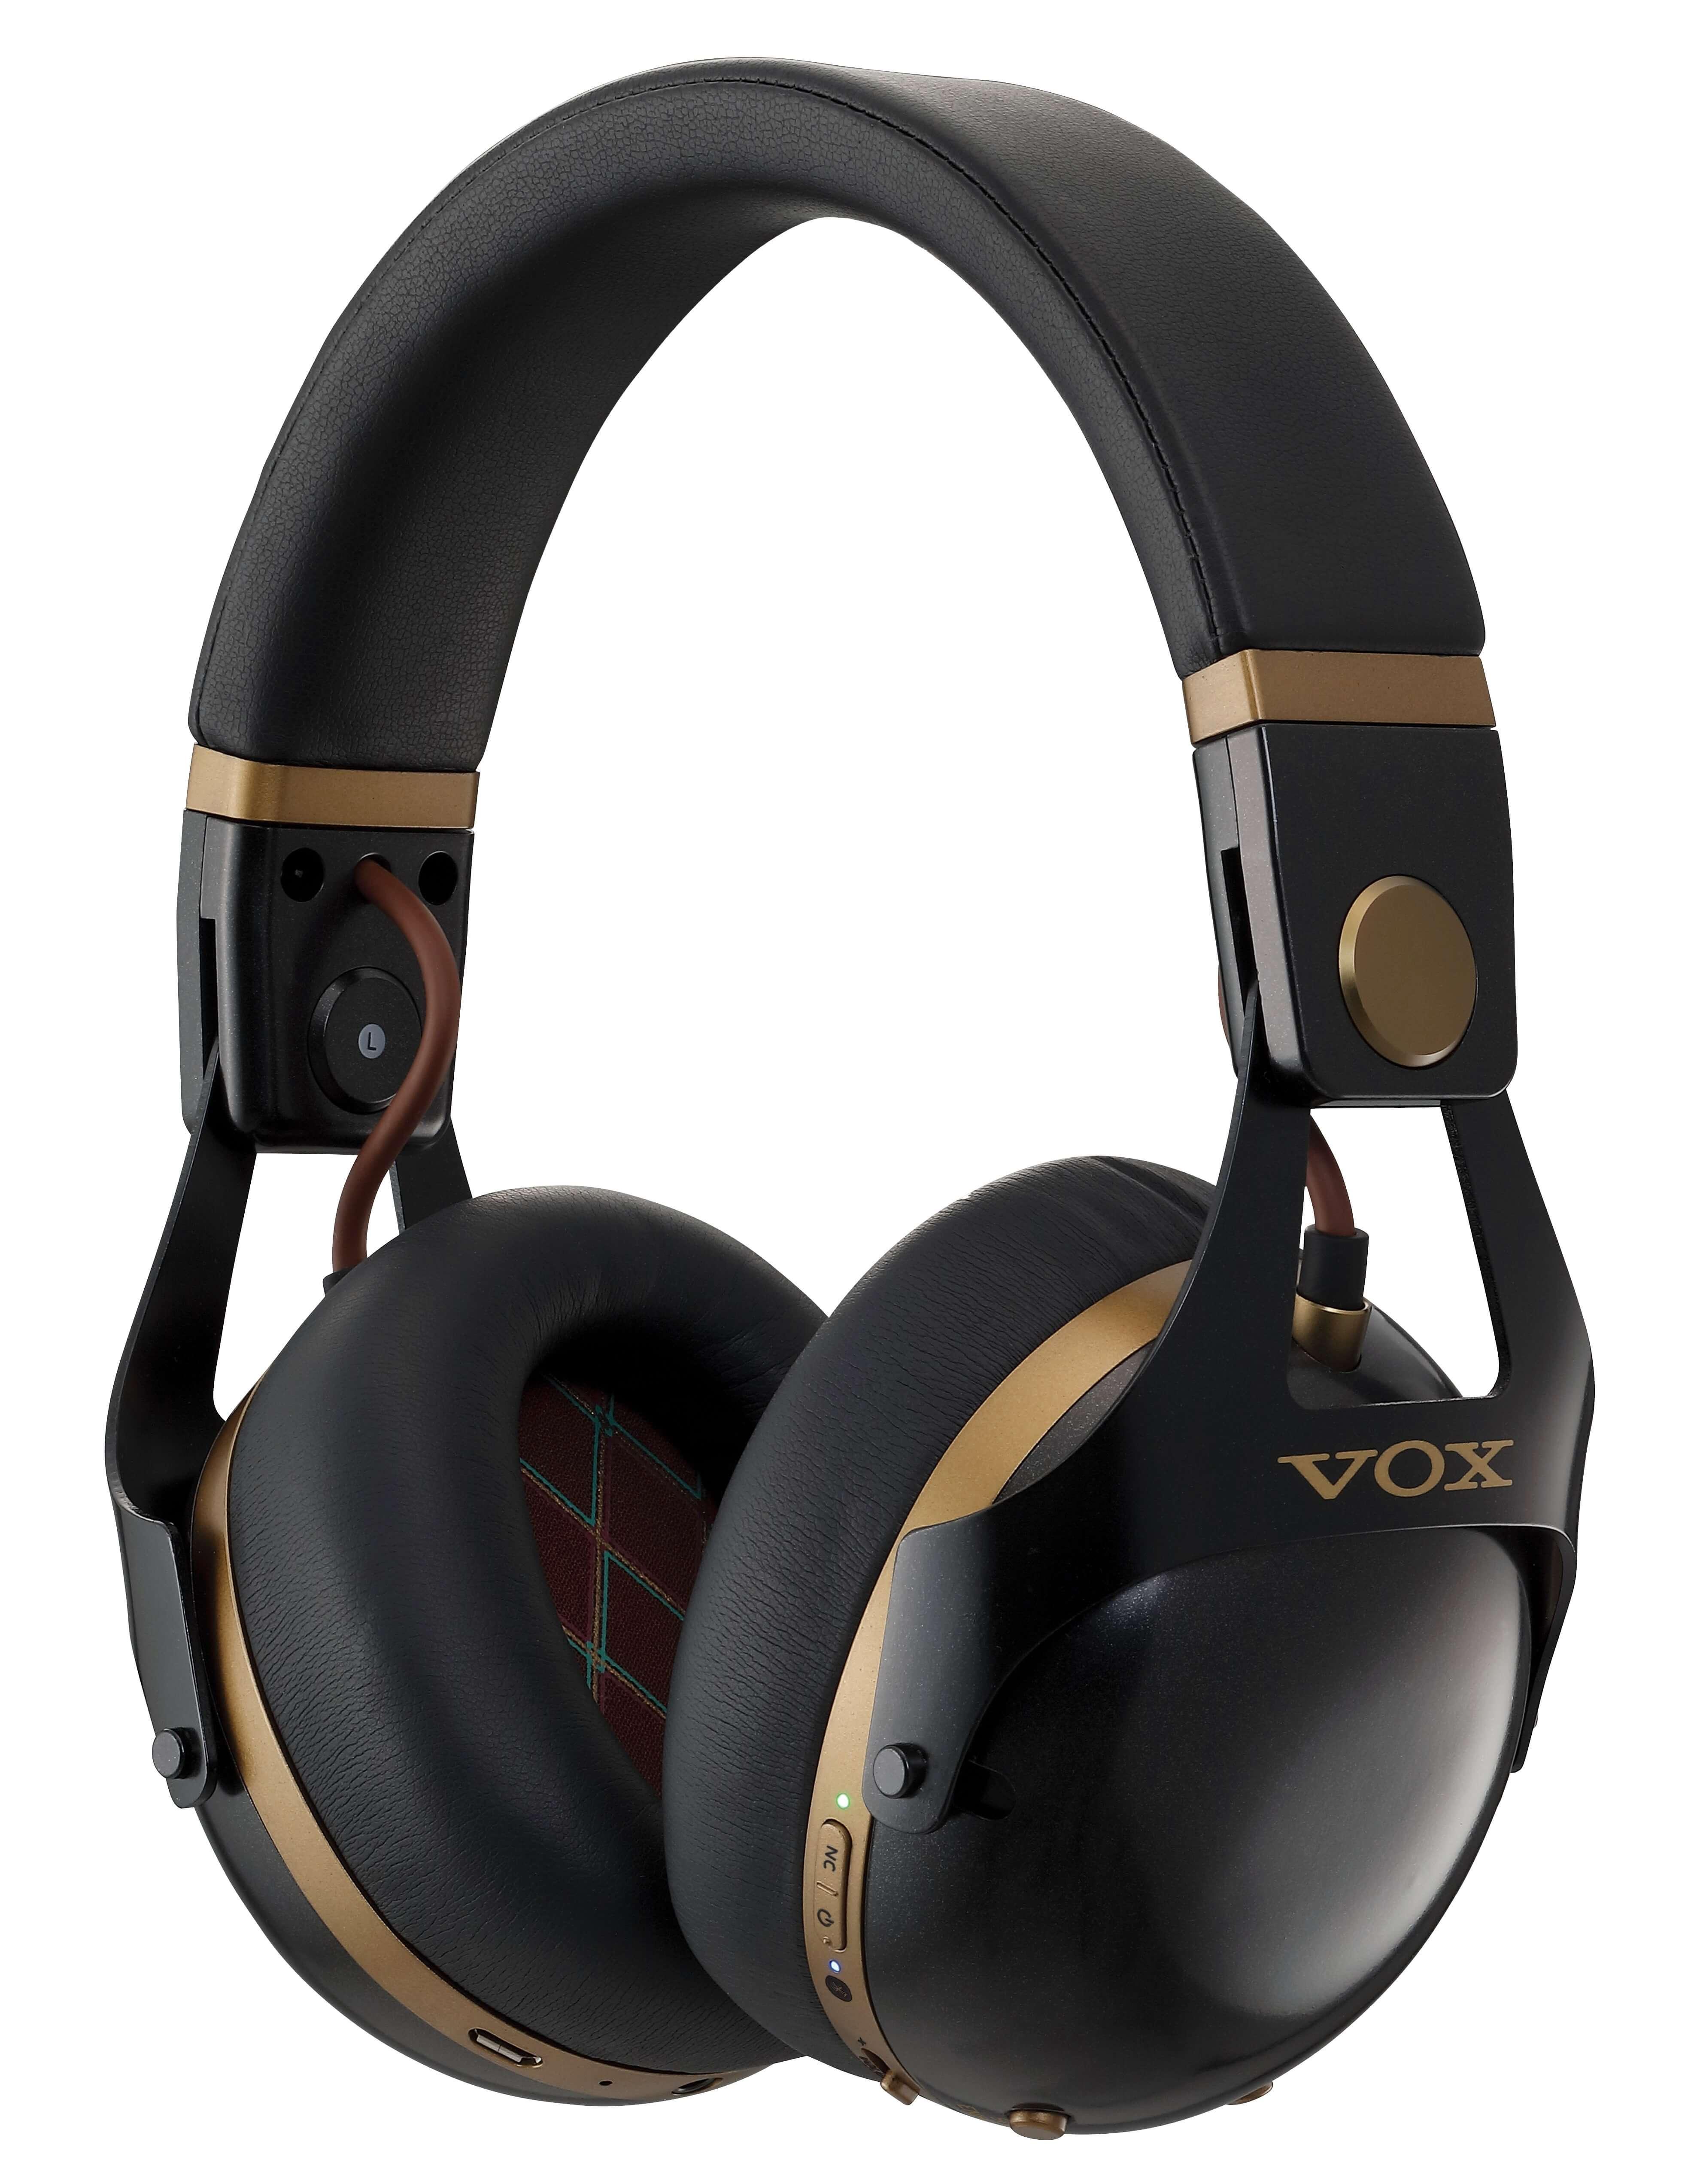 VOX VH-Q1-BK Noise Cancel Silent